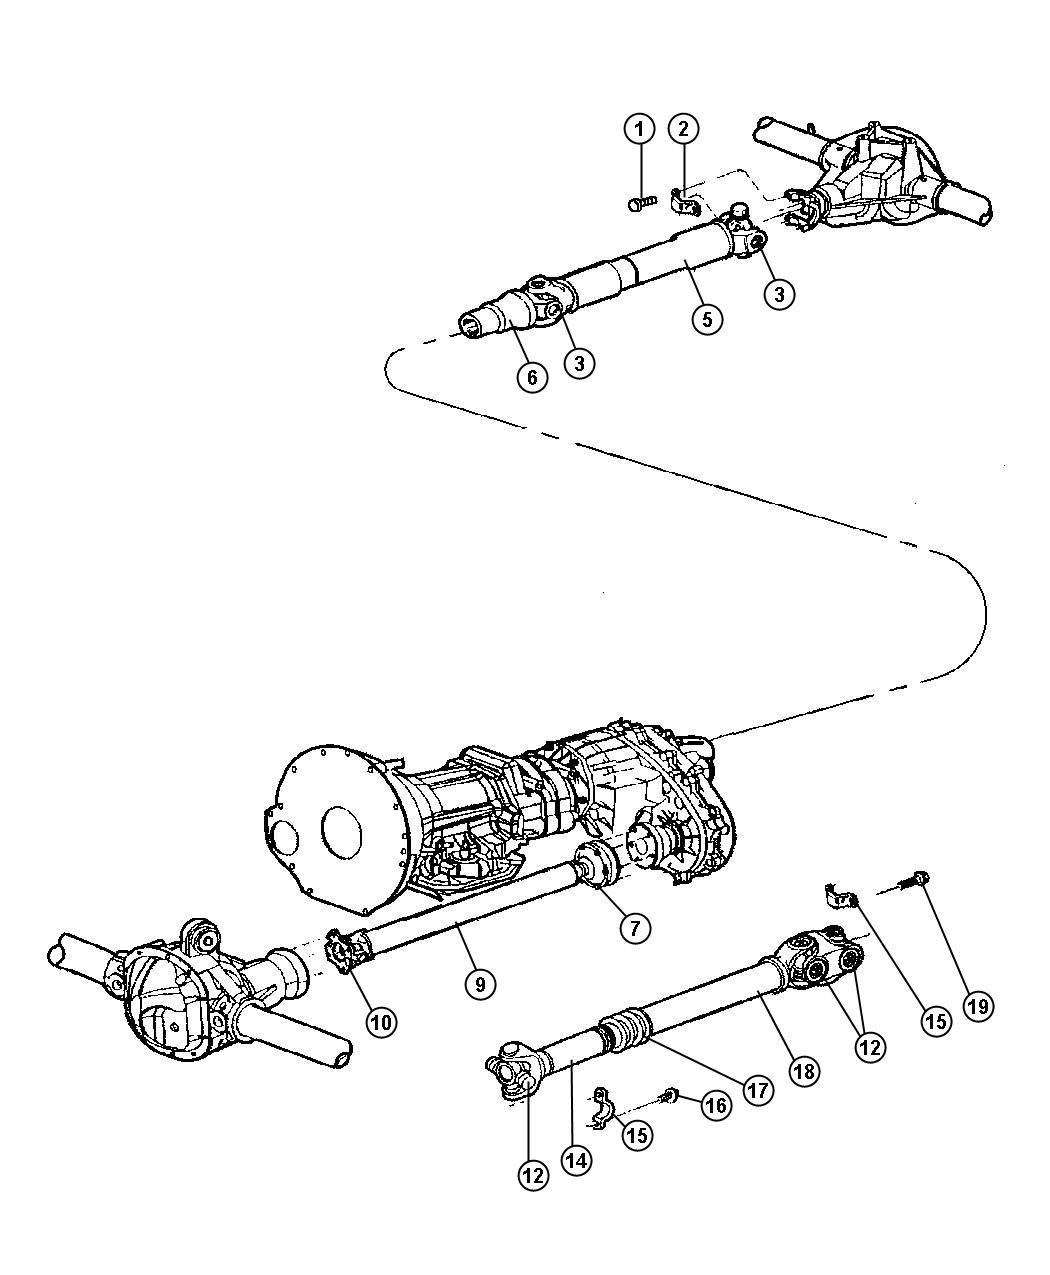 2009 ford f150 lariat fuse box diagram